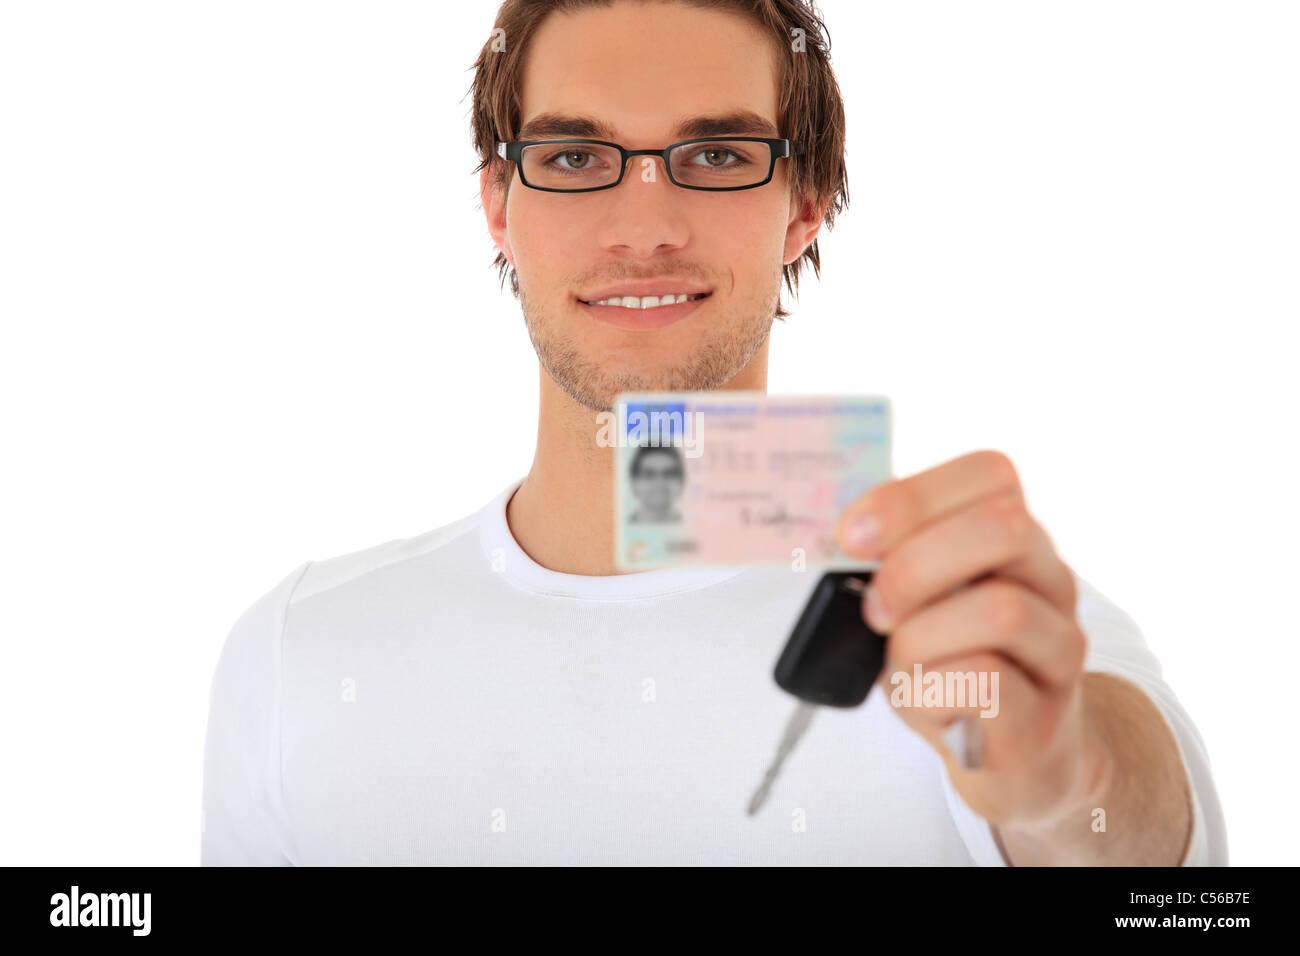 Joven mostrando su licencia de conducir y las llaves del coche. El enfoque selectivo en persona en segundo plano. Imagen De Stock